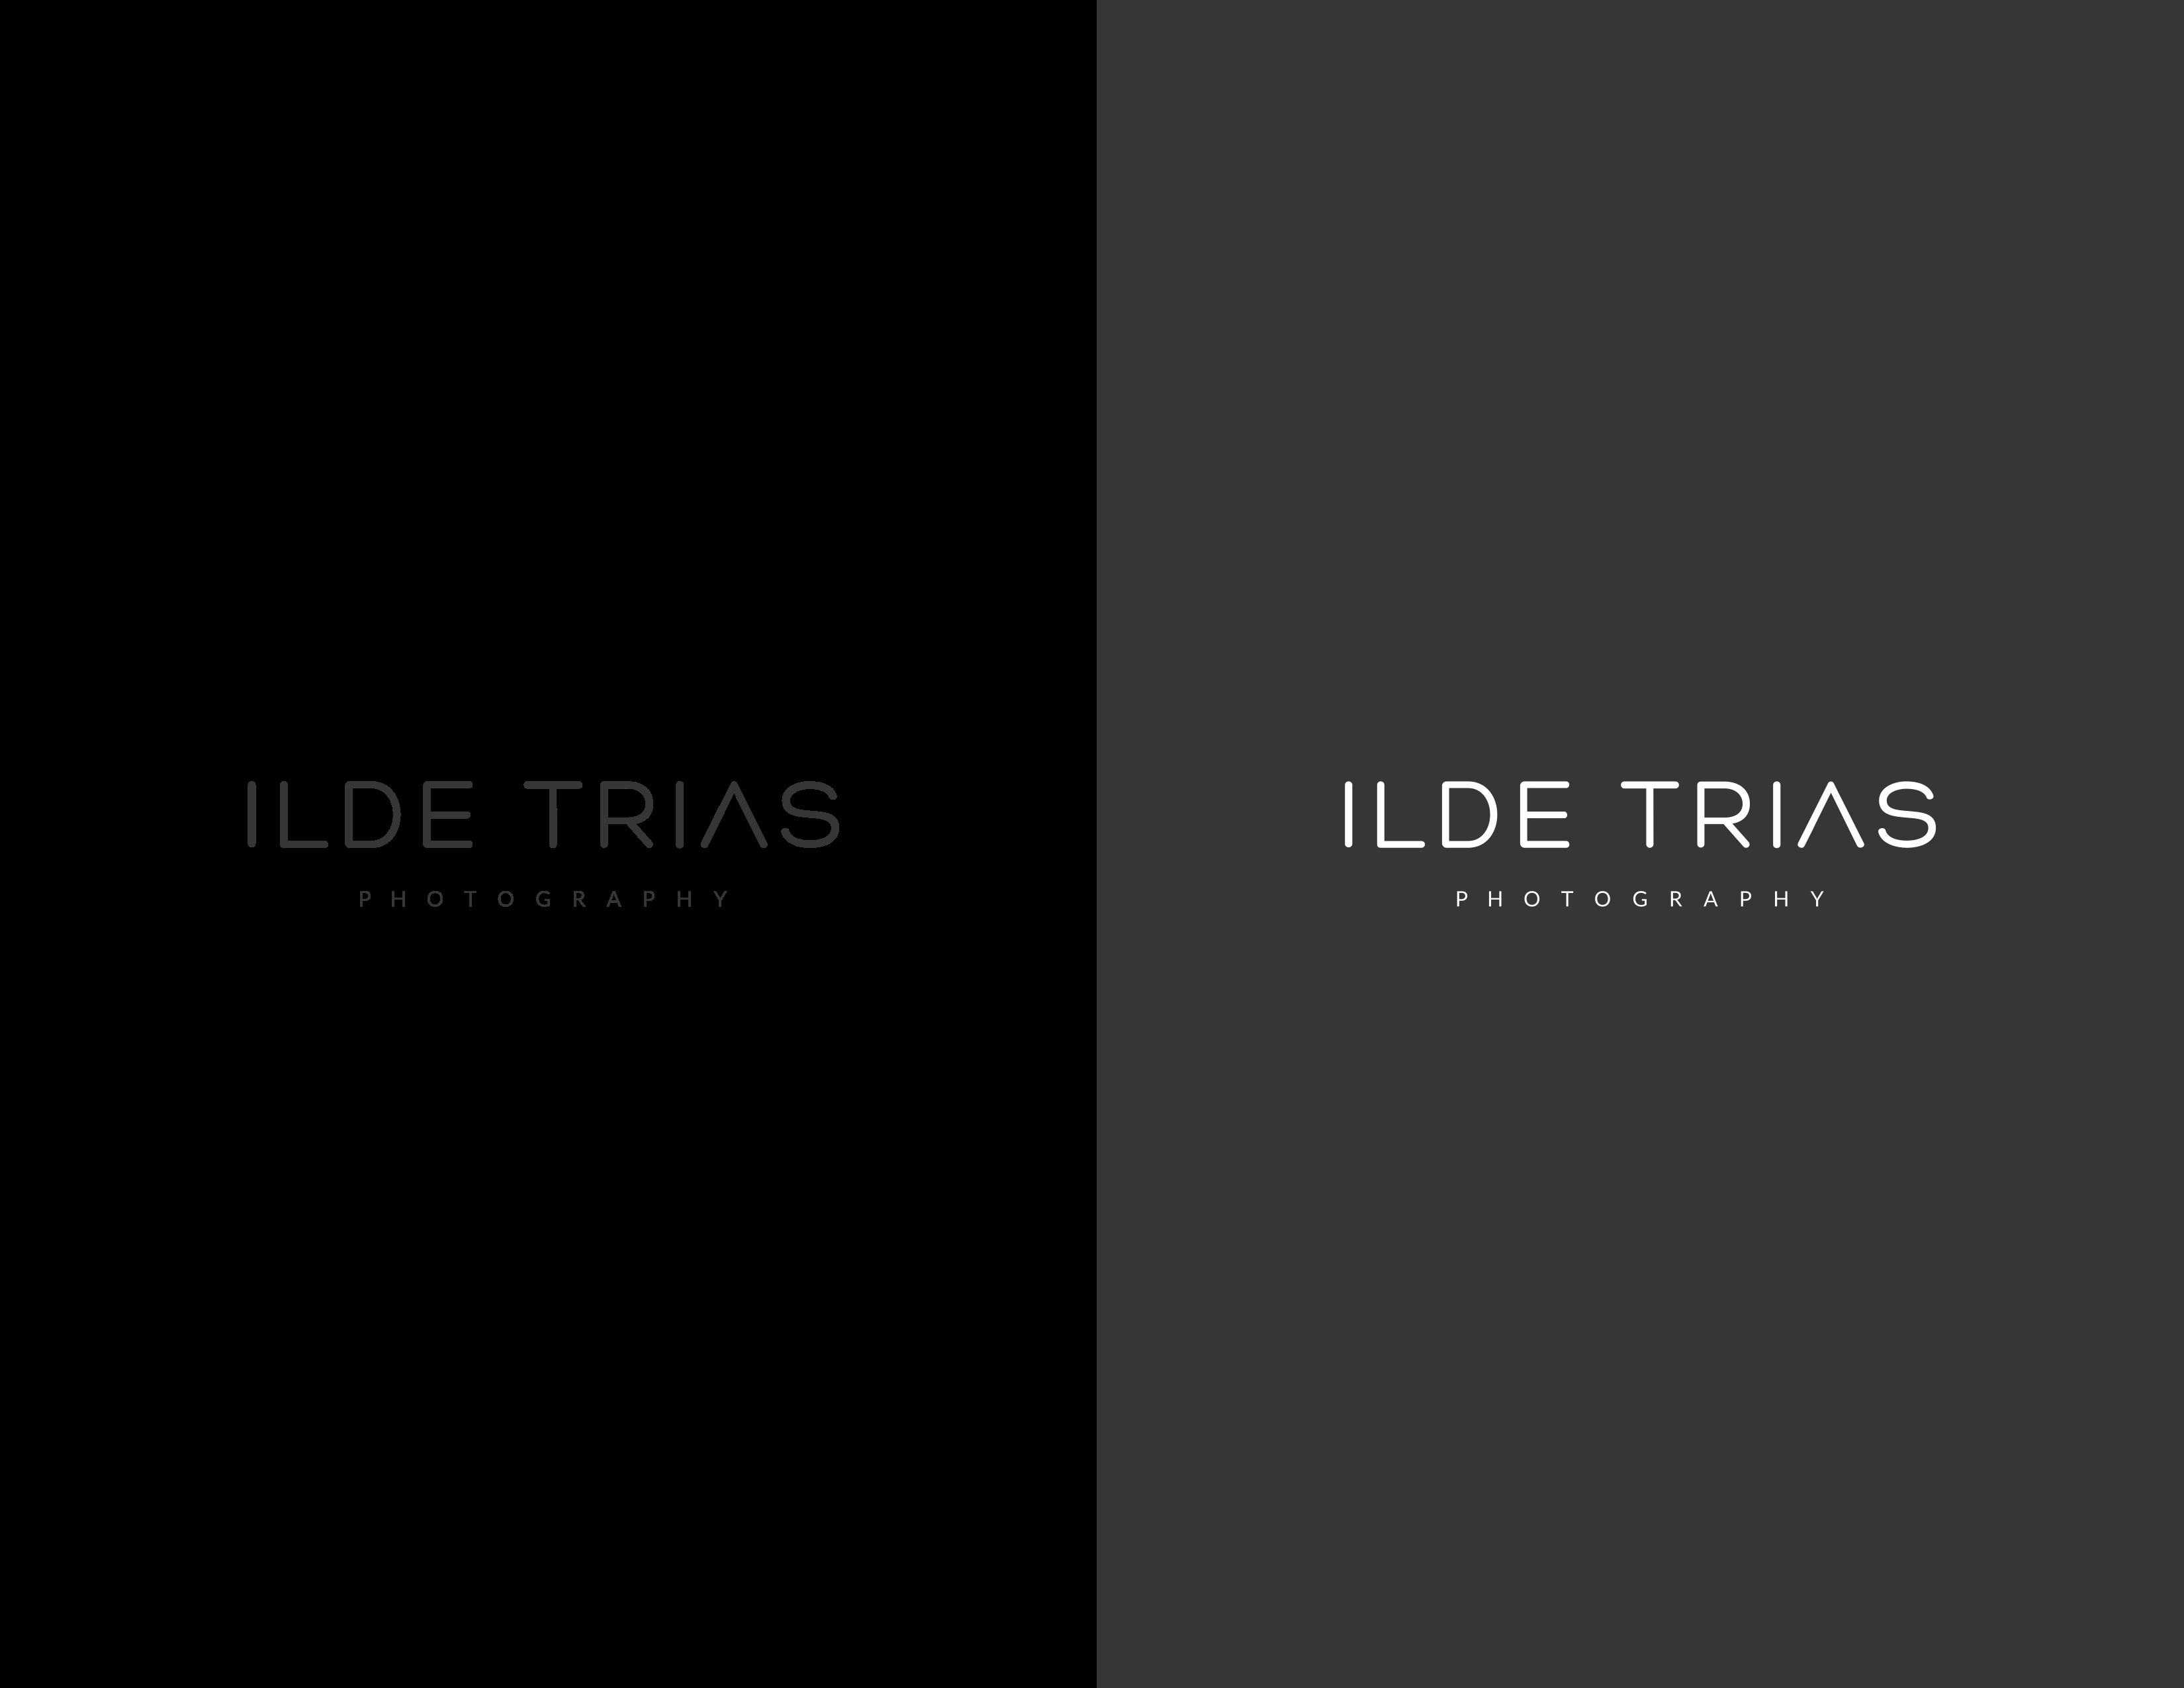 Ildemaro Trias Photography (Ilde Trias)